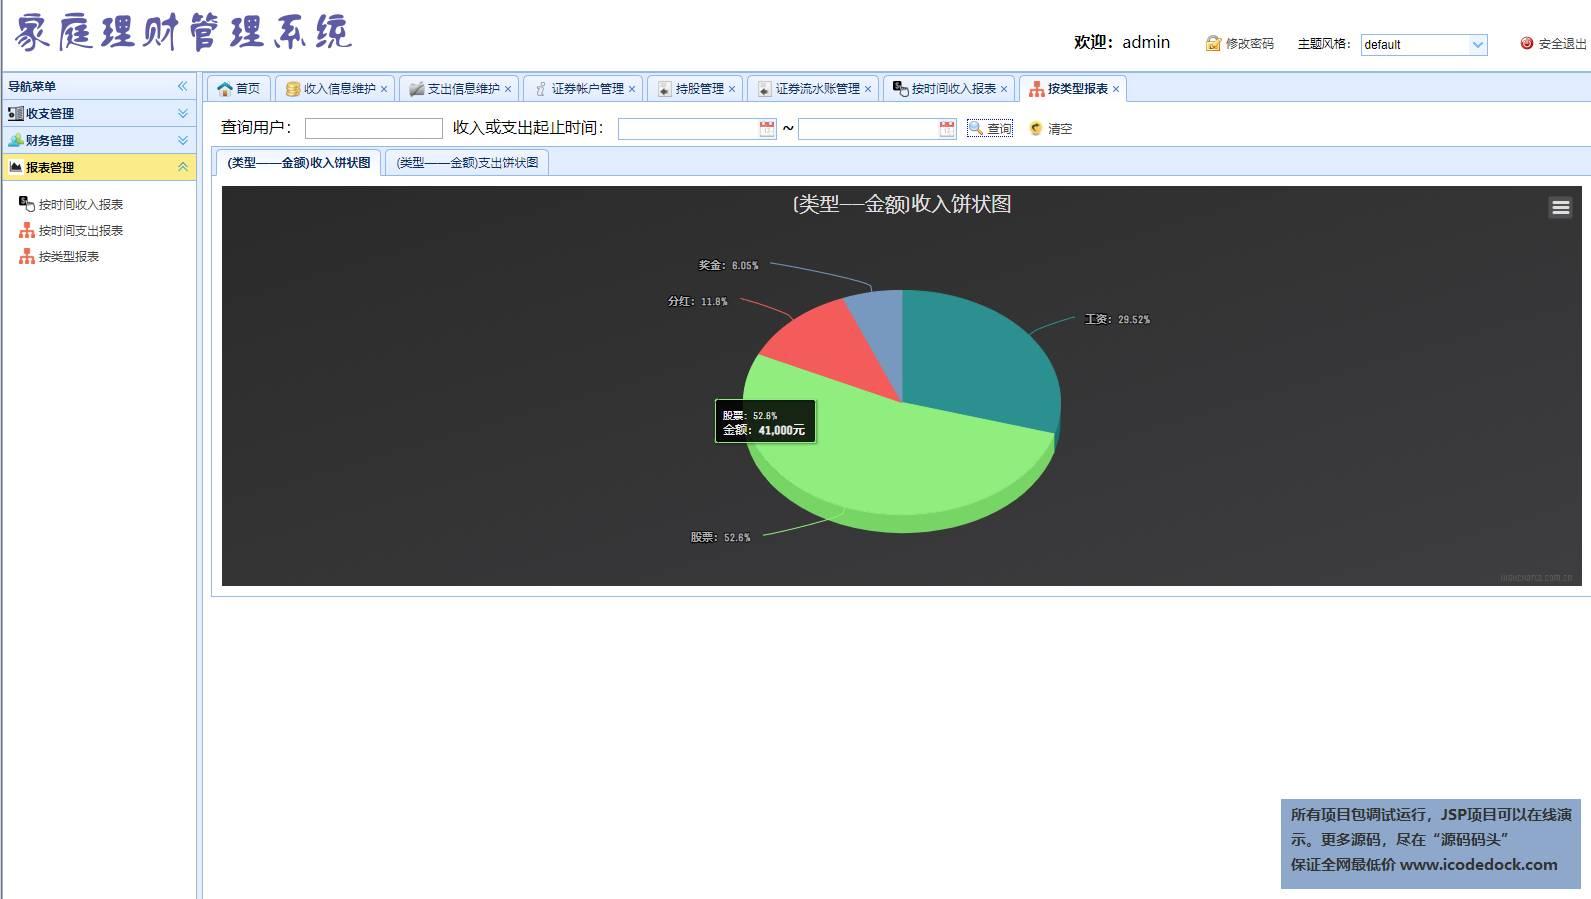 源码码头-SSM家庭理财记账管理系统-管理员角色-收入饼状图